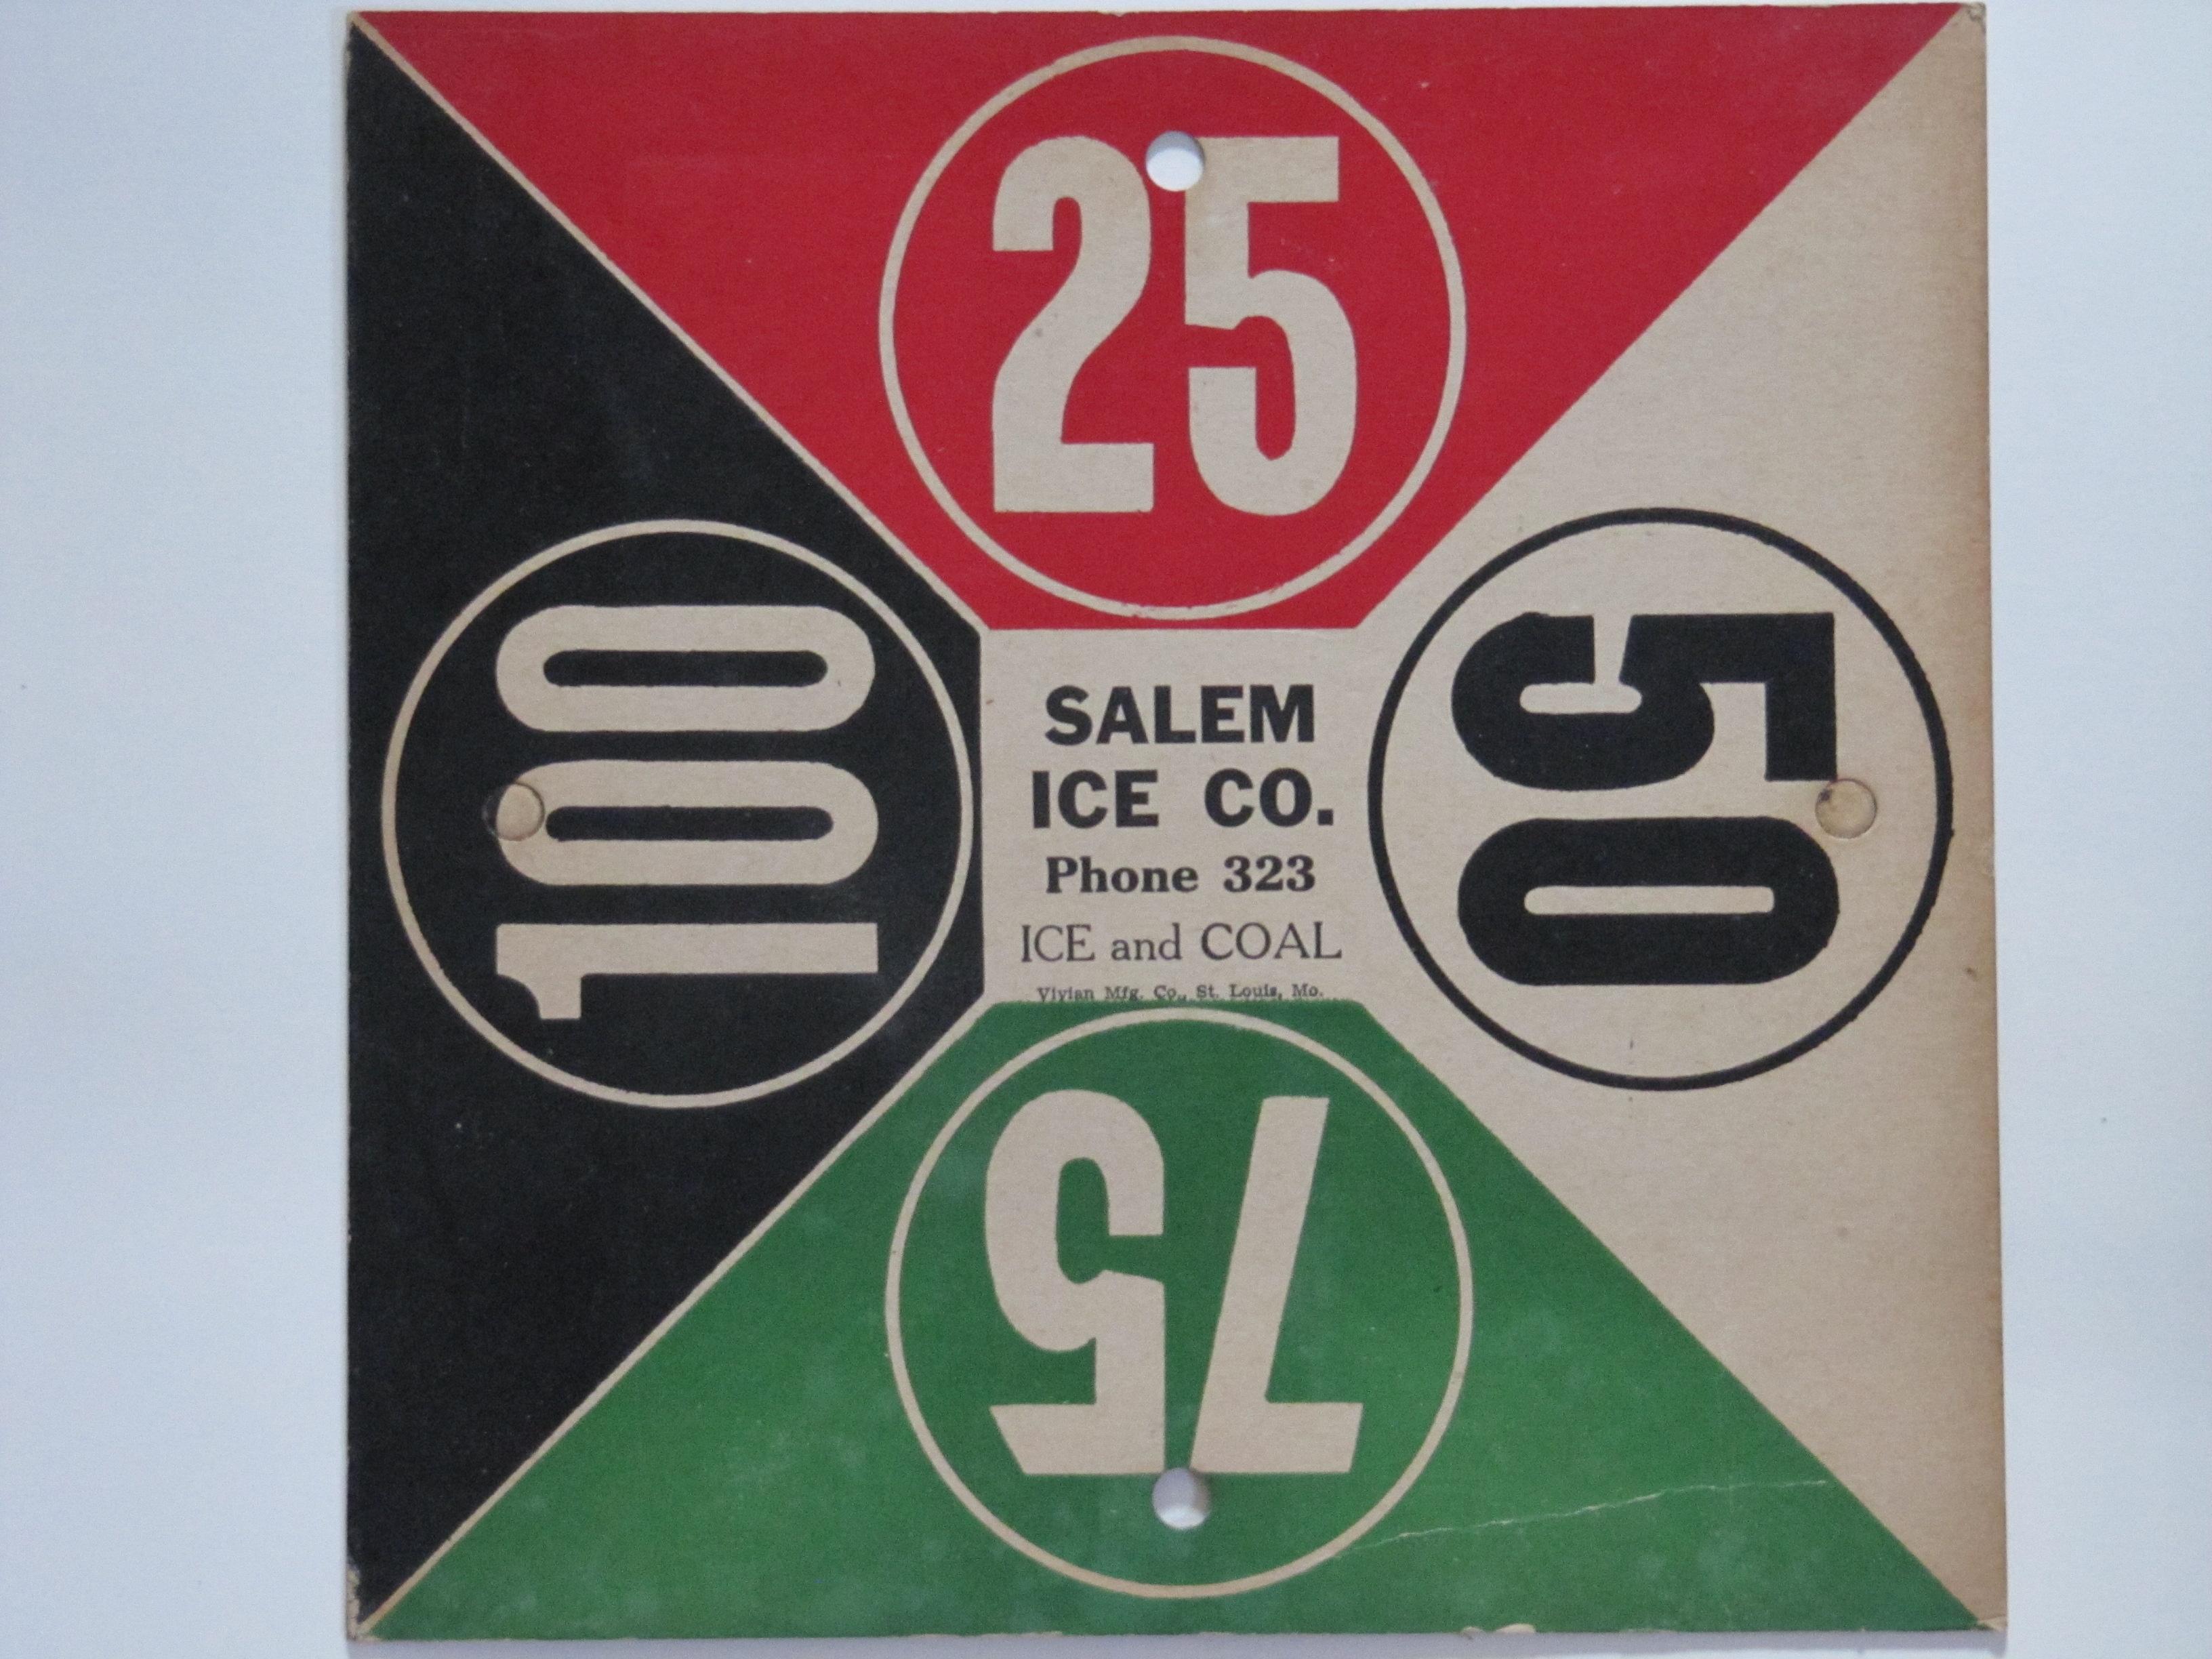 Salem Ice Co.